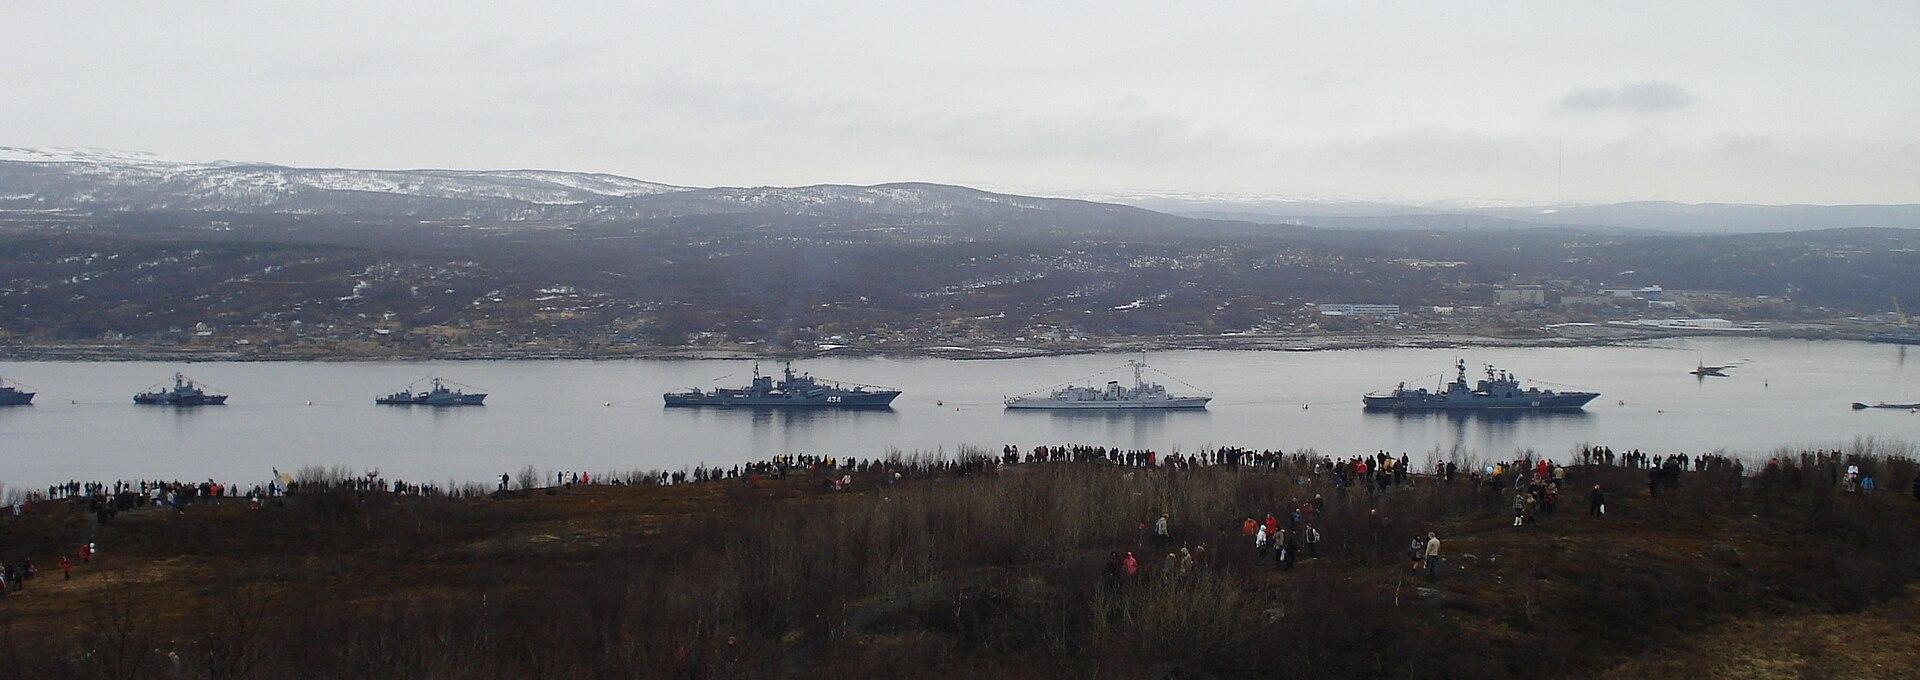 القوة البحرية الروسية تحديث الأسلحة والقواعد وتعزيز الانتشار 1920px-Parad_korabley